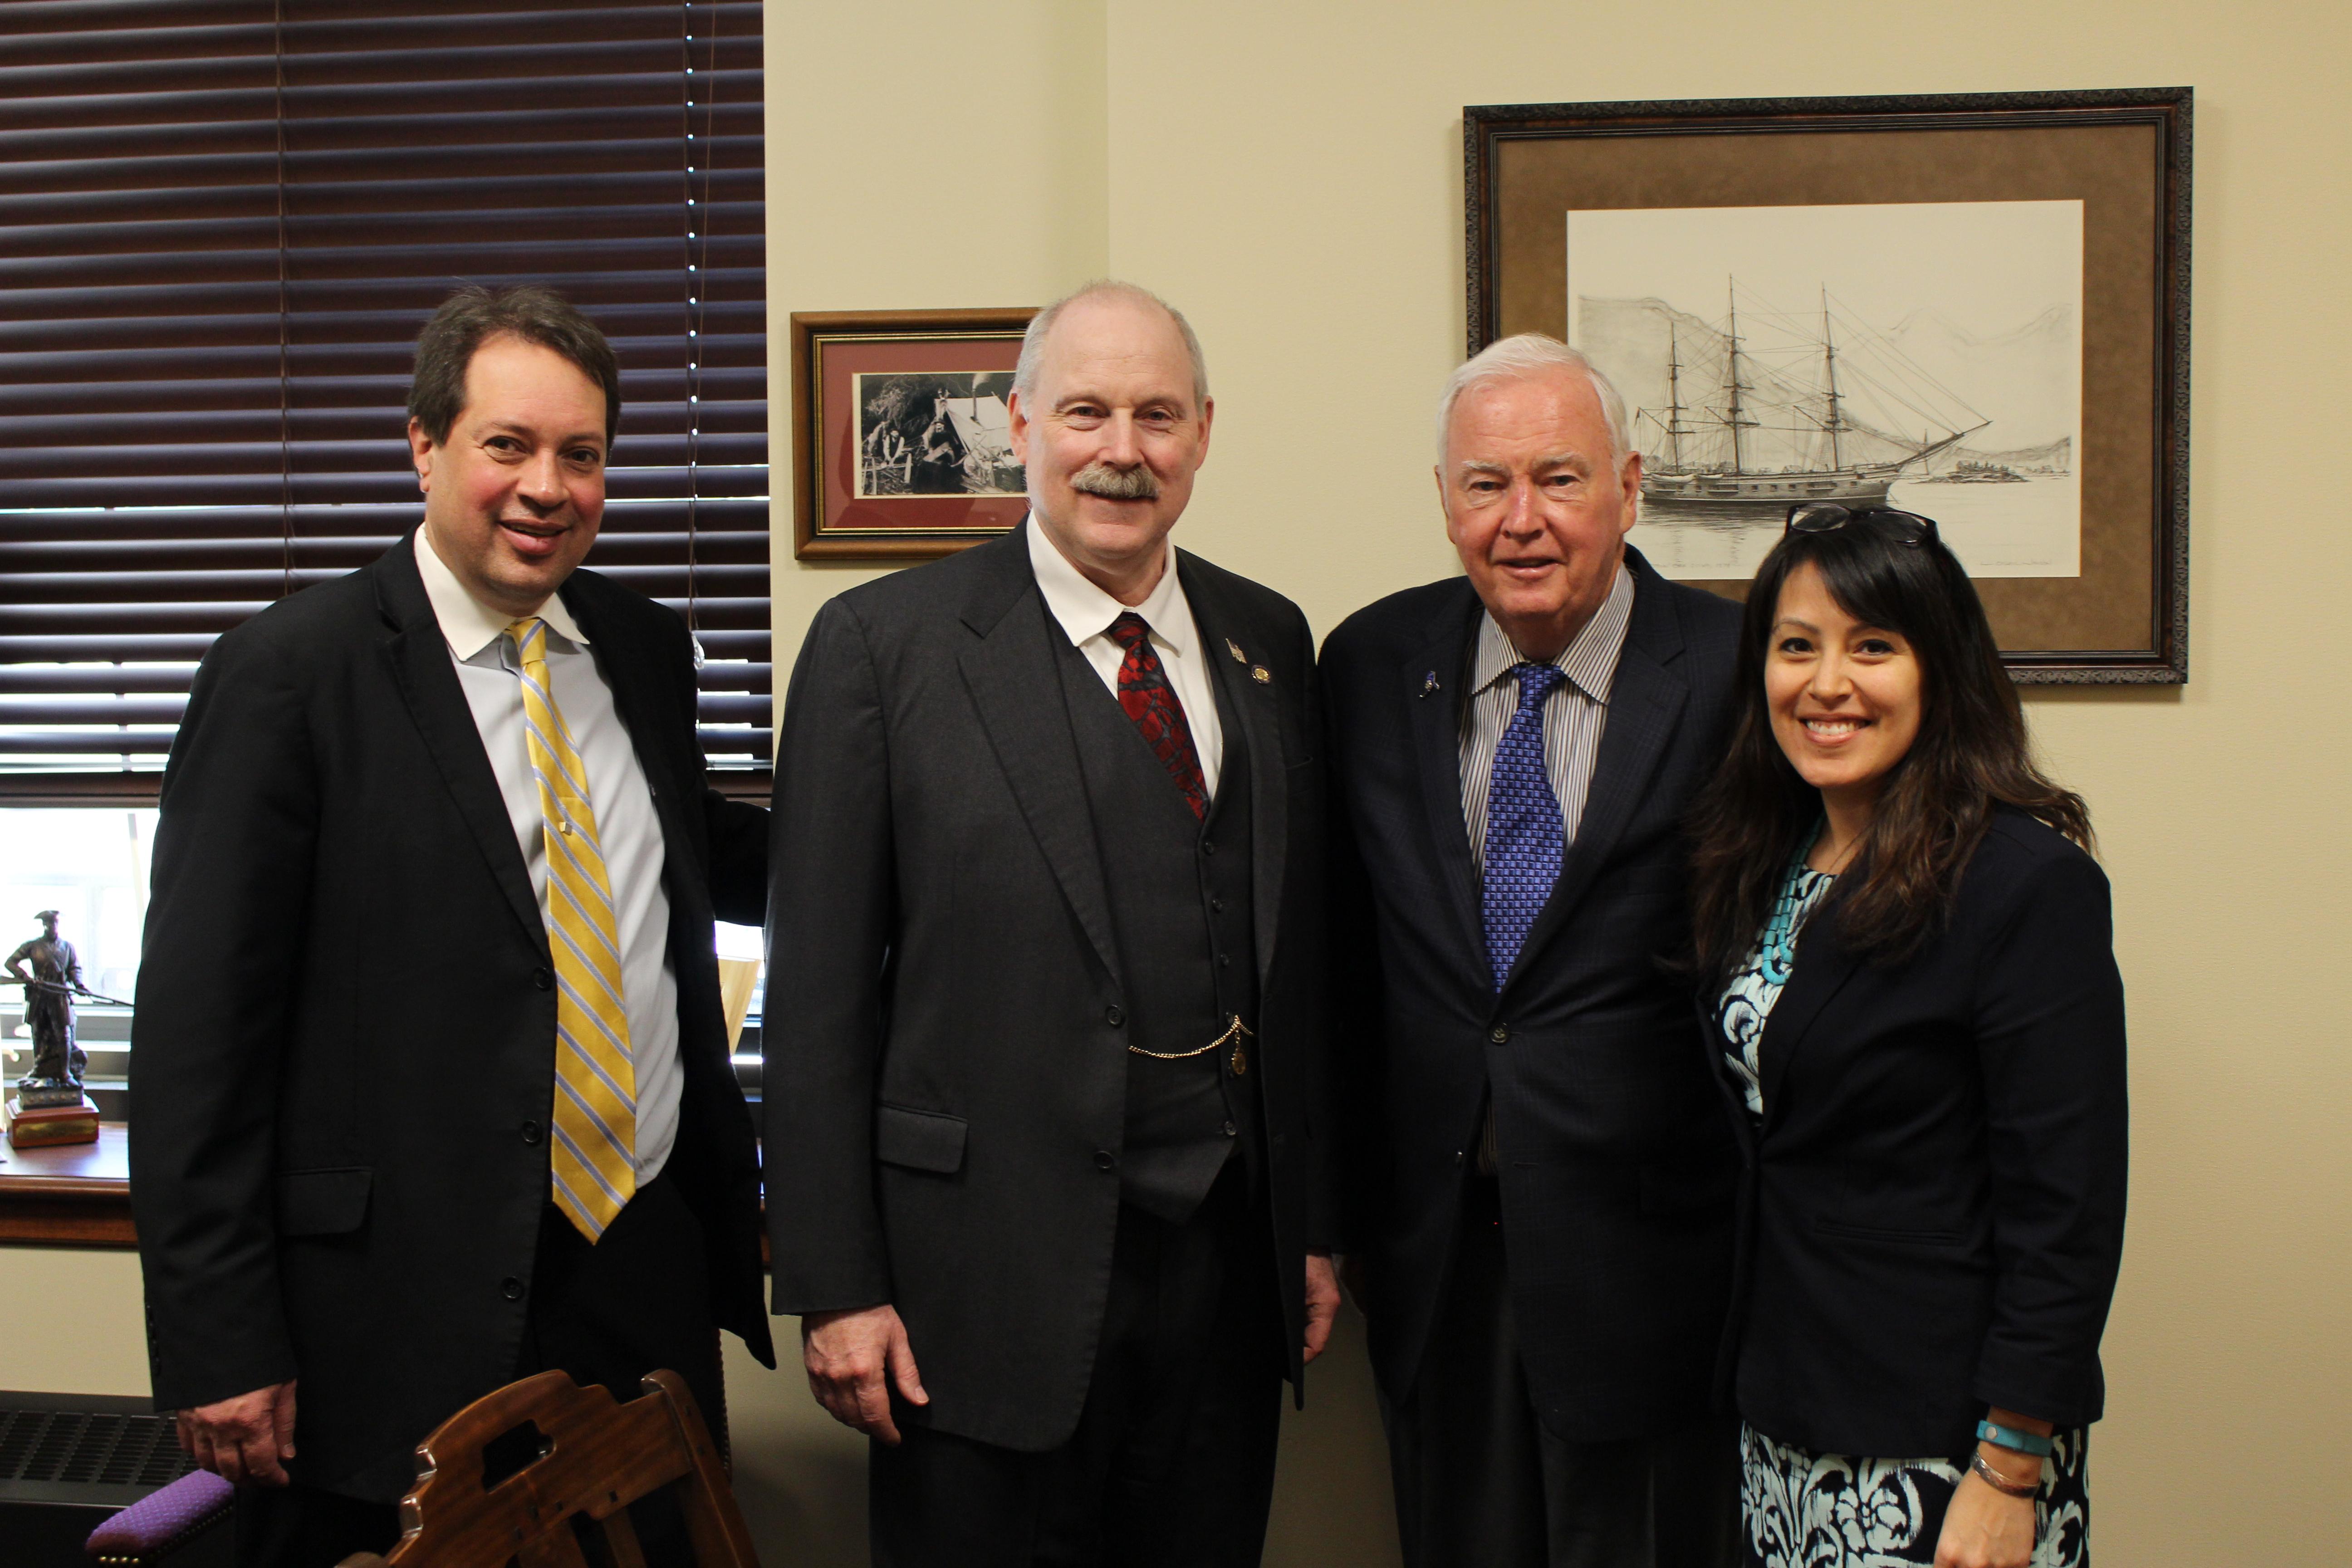 Senator Stedman and staff with Governor Frank Murkowski